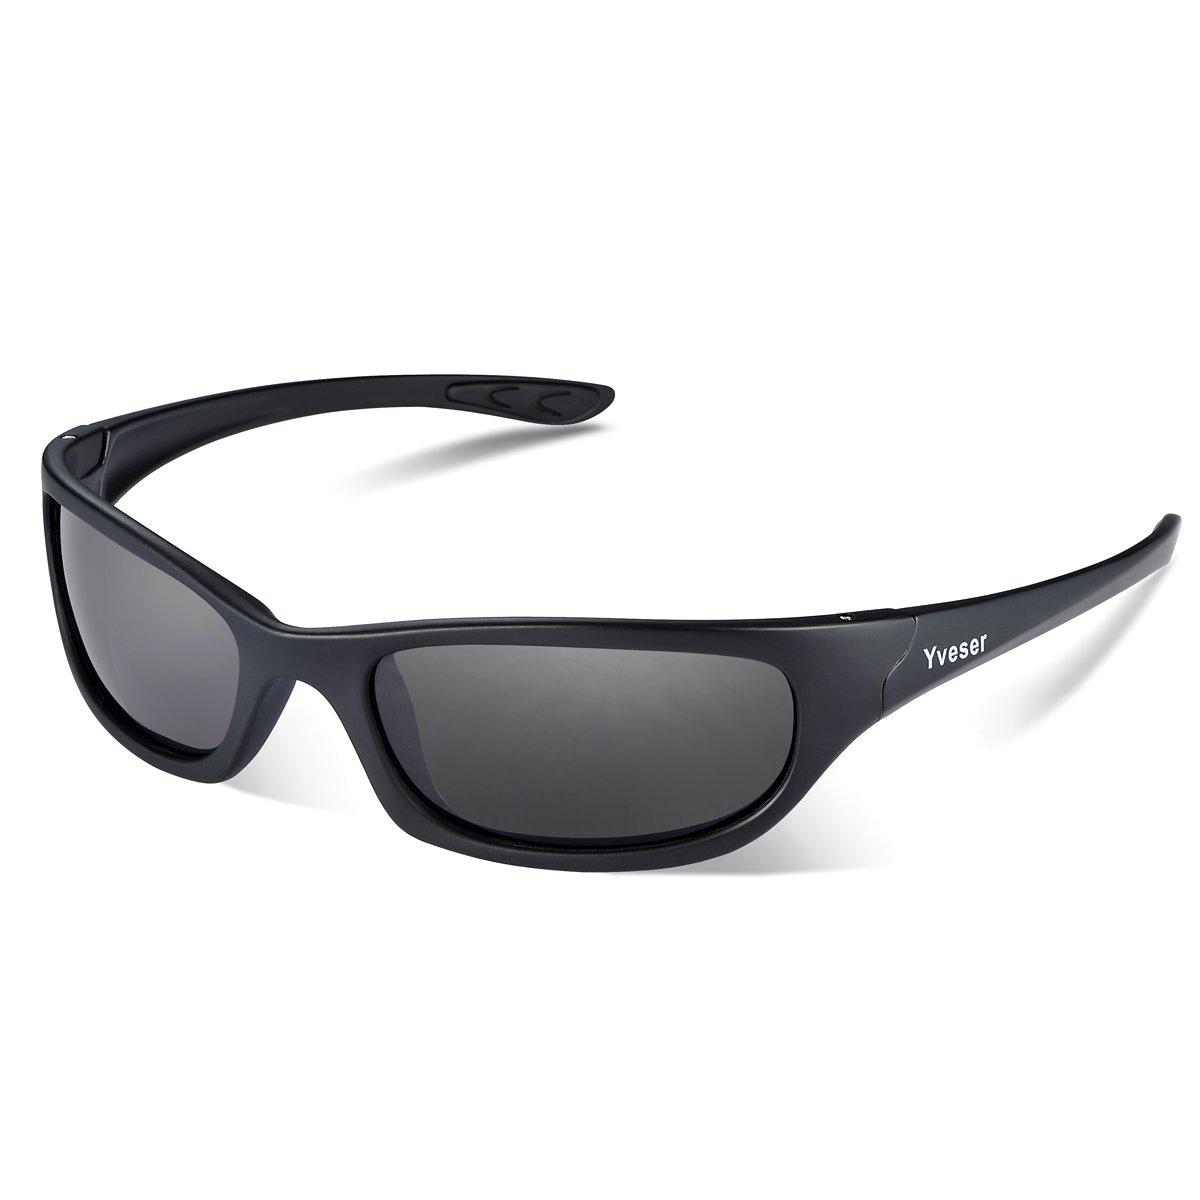 a3dbb560e0f8 Yveser Polarised UV400 Sports Sunglasses for Men   Women - Baseball Running  Cycling Fishing Driving Hiking Ski Golf Yv148 (Black Lens Black Matte Frame)   ...